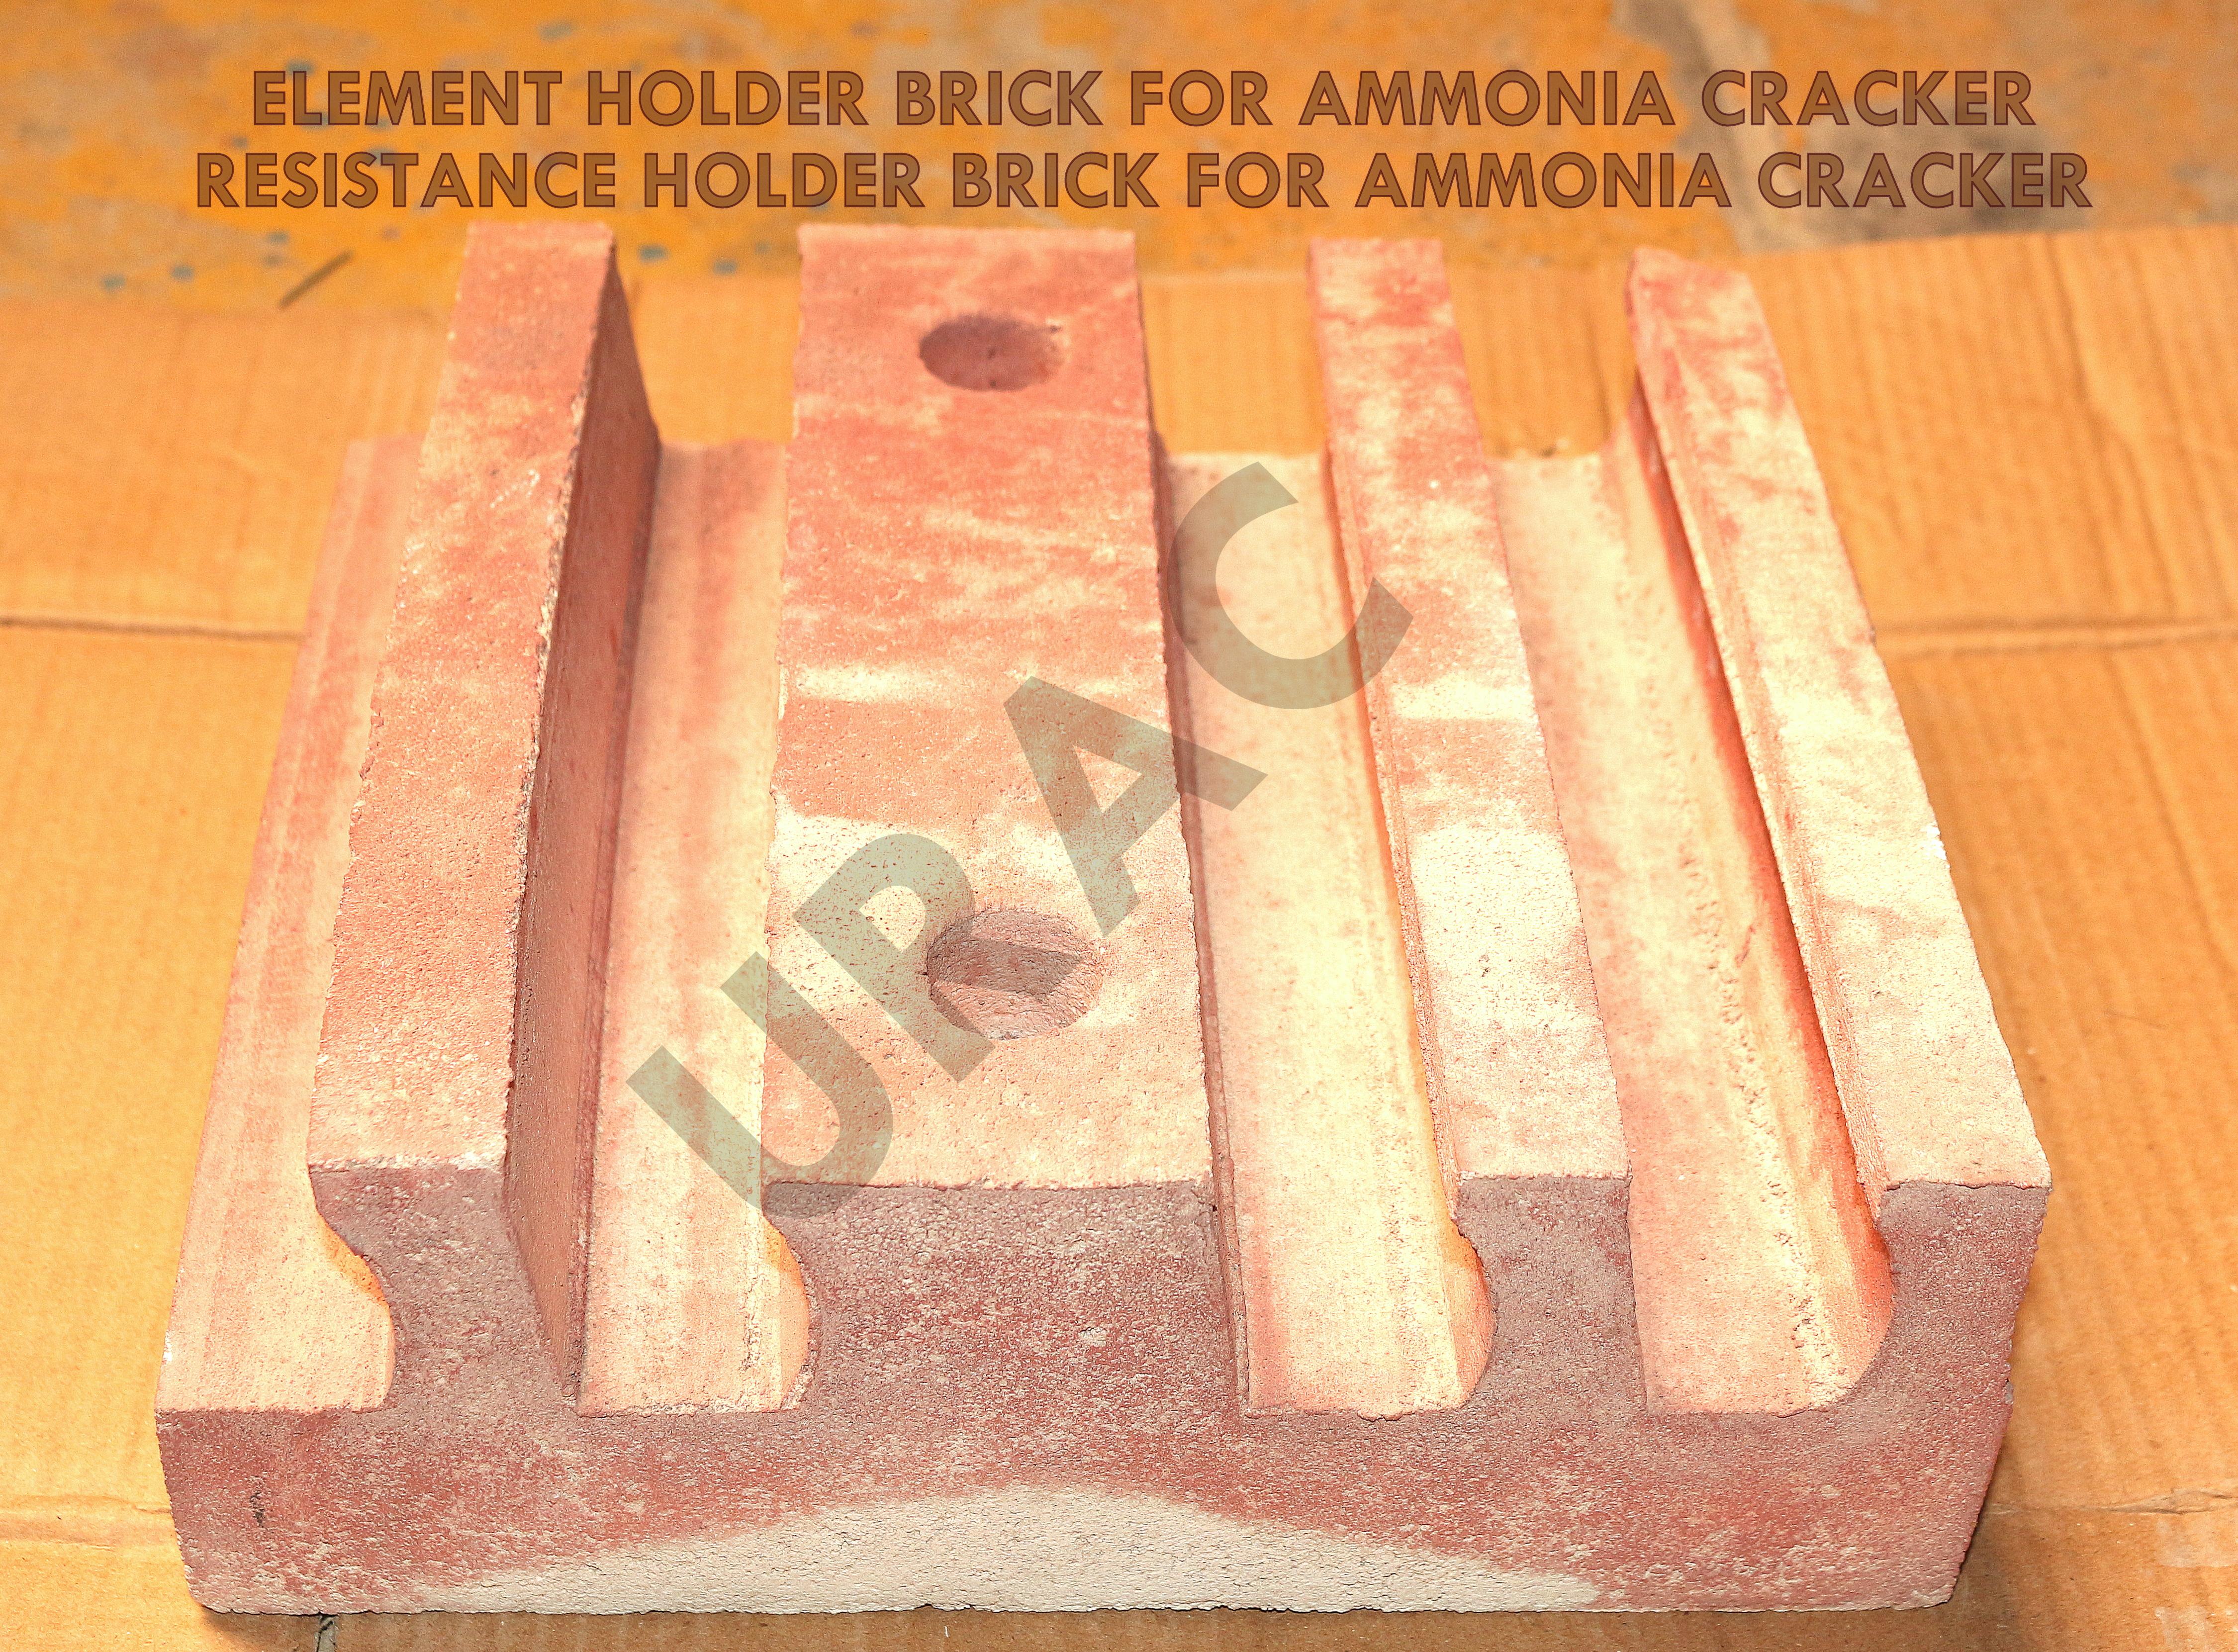 Resistance Holder Brick